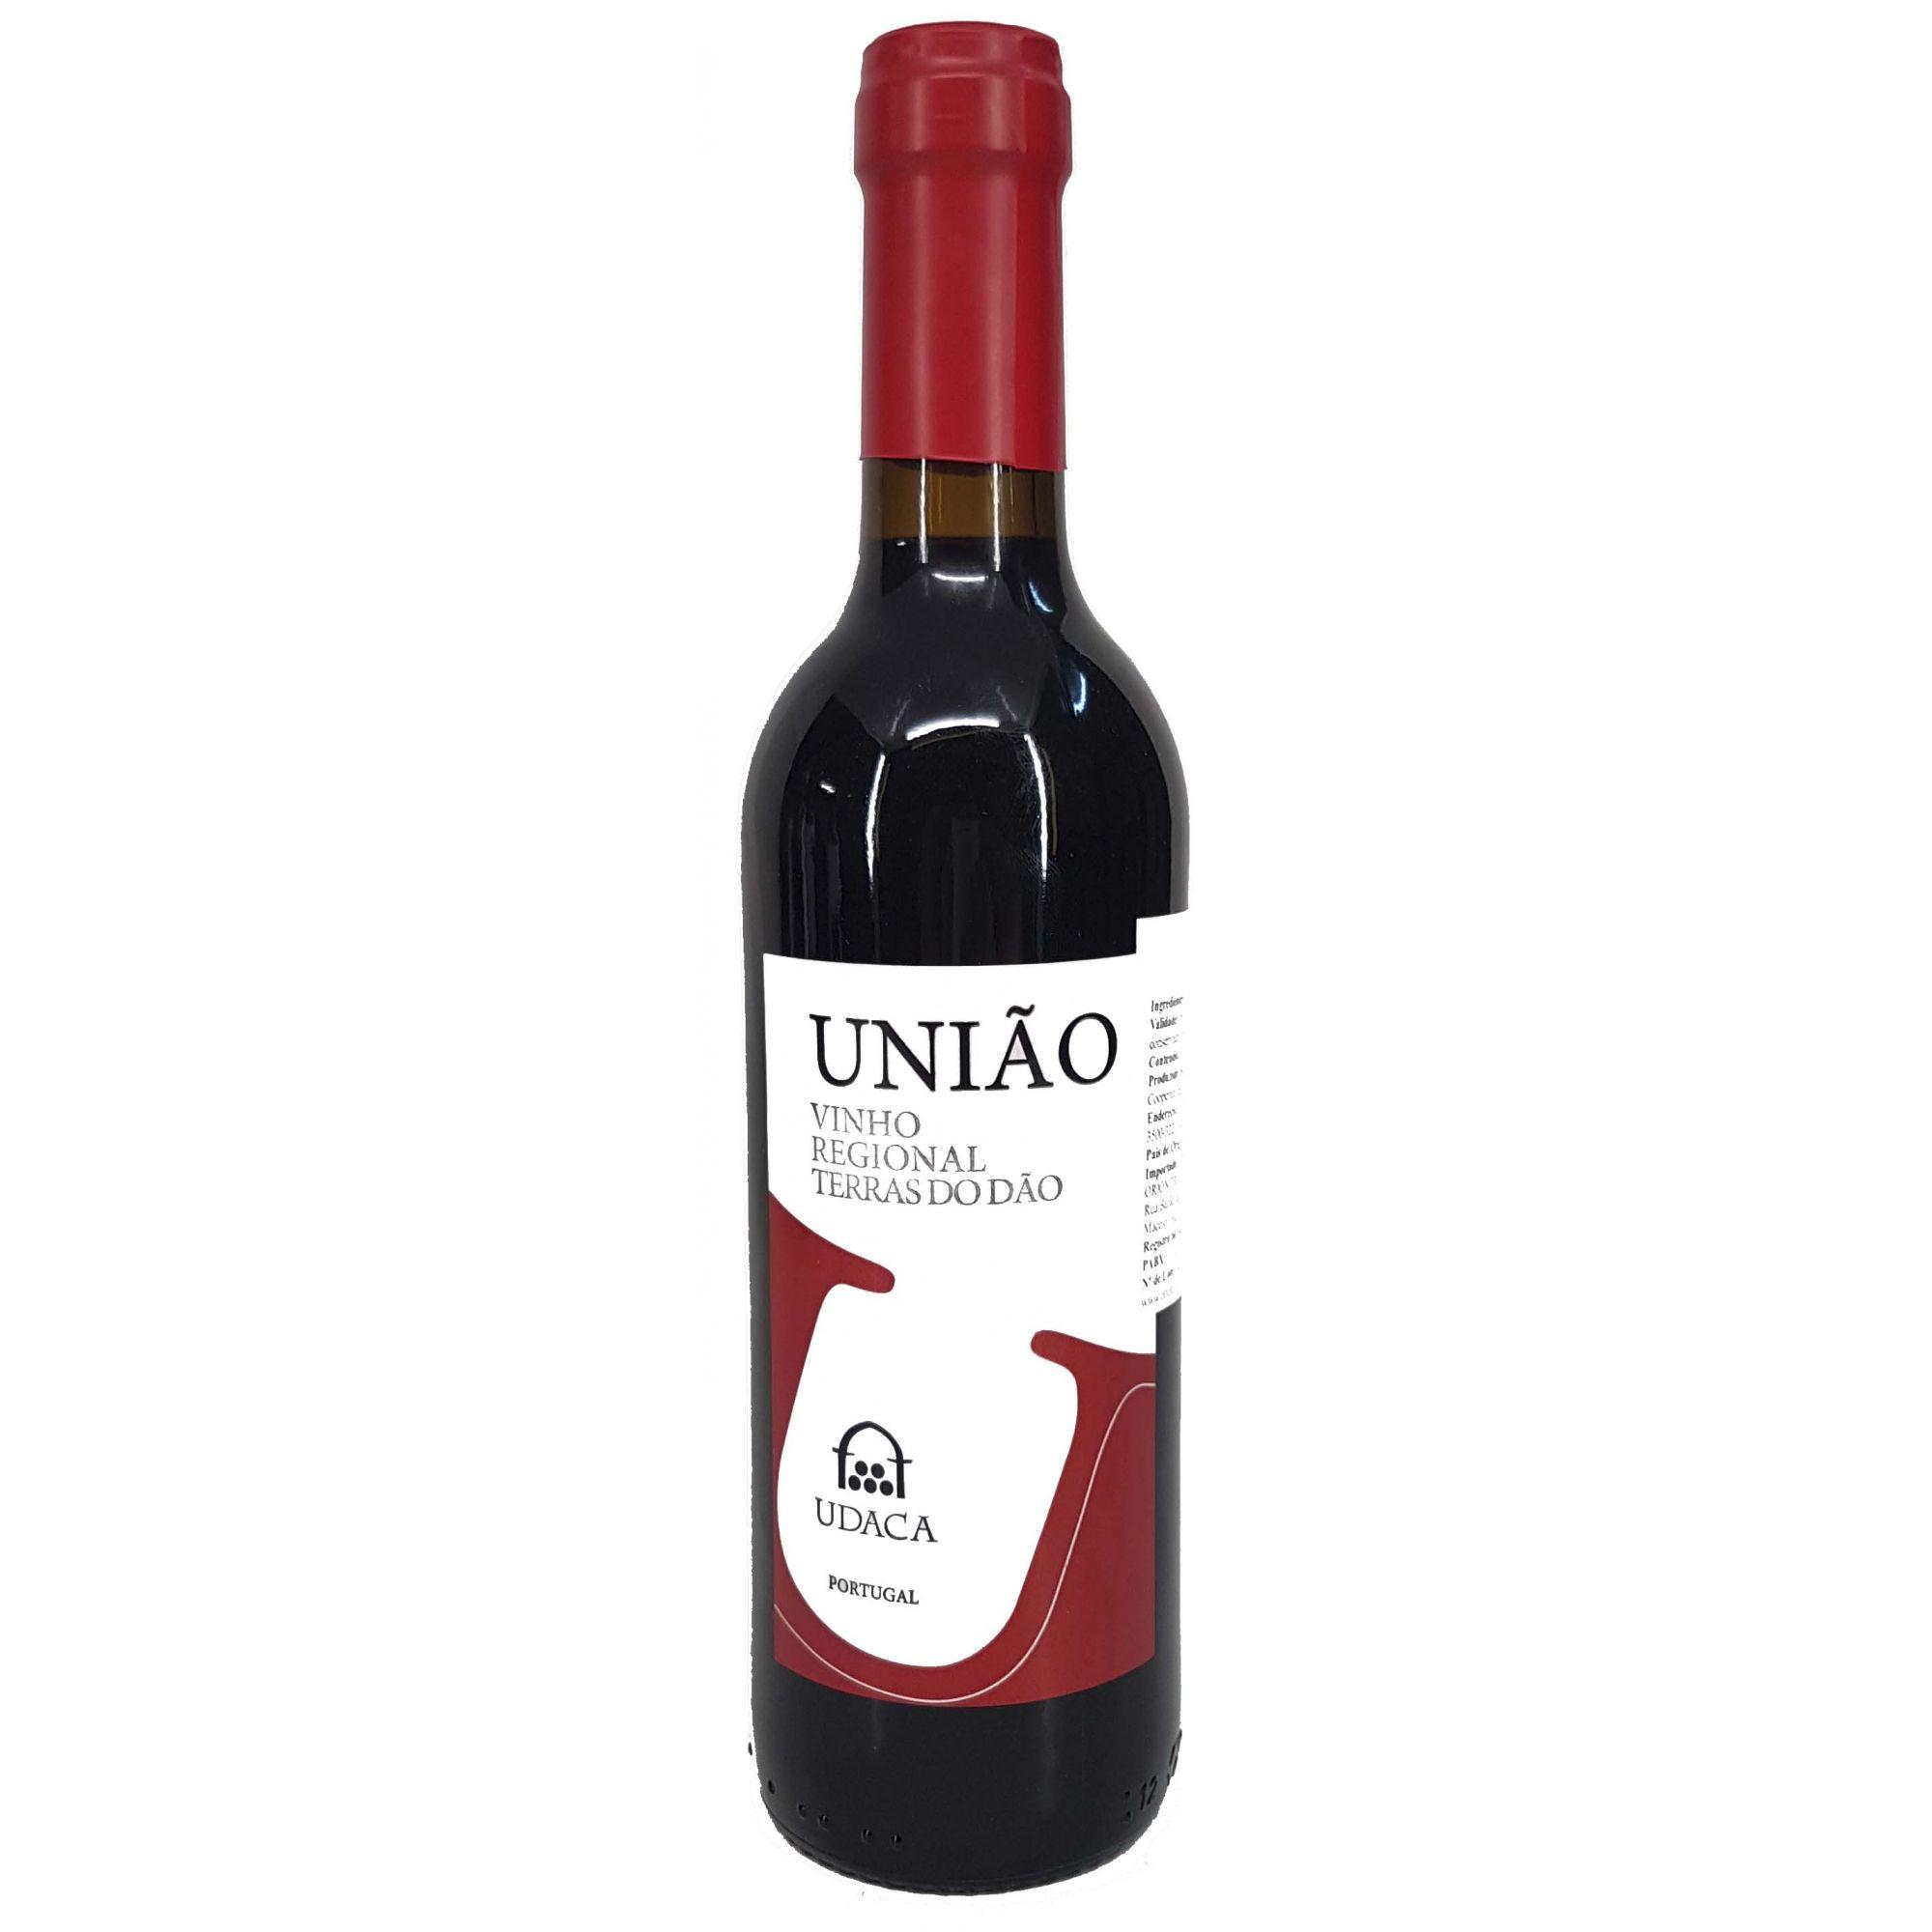 Vinho Tinto União - 375ml -